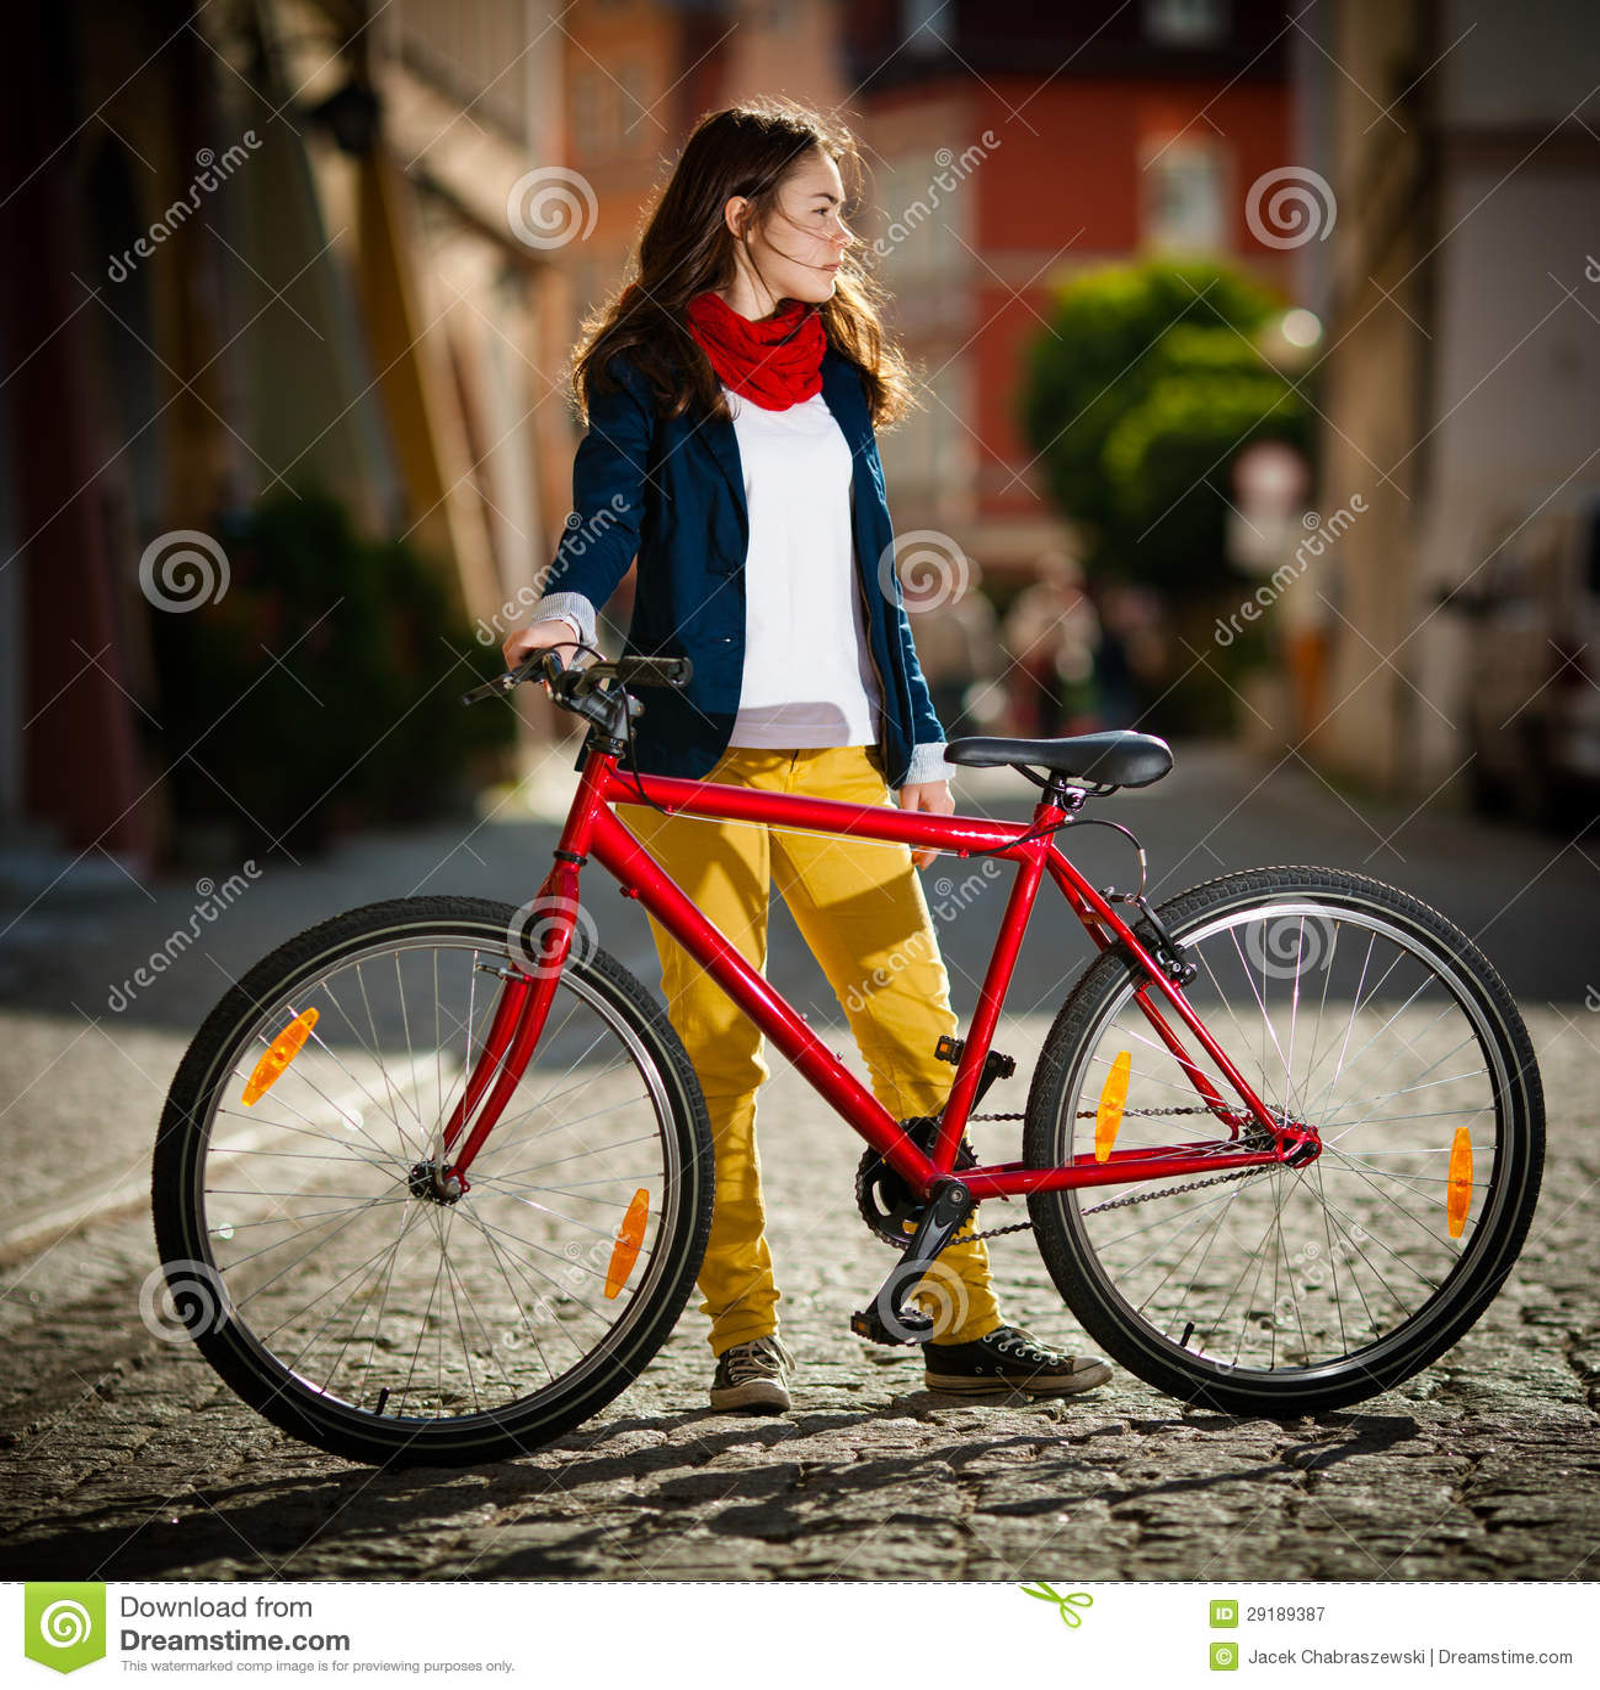 Faire du vélo urbain - adolescente et vélo dans la ville